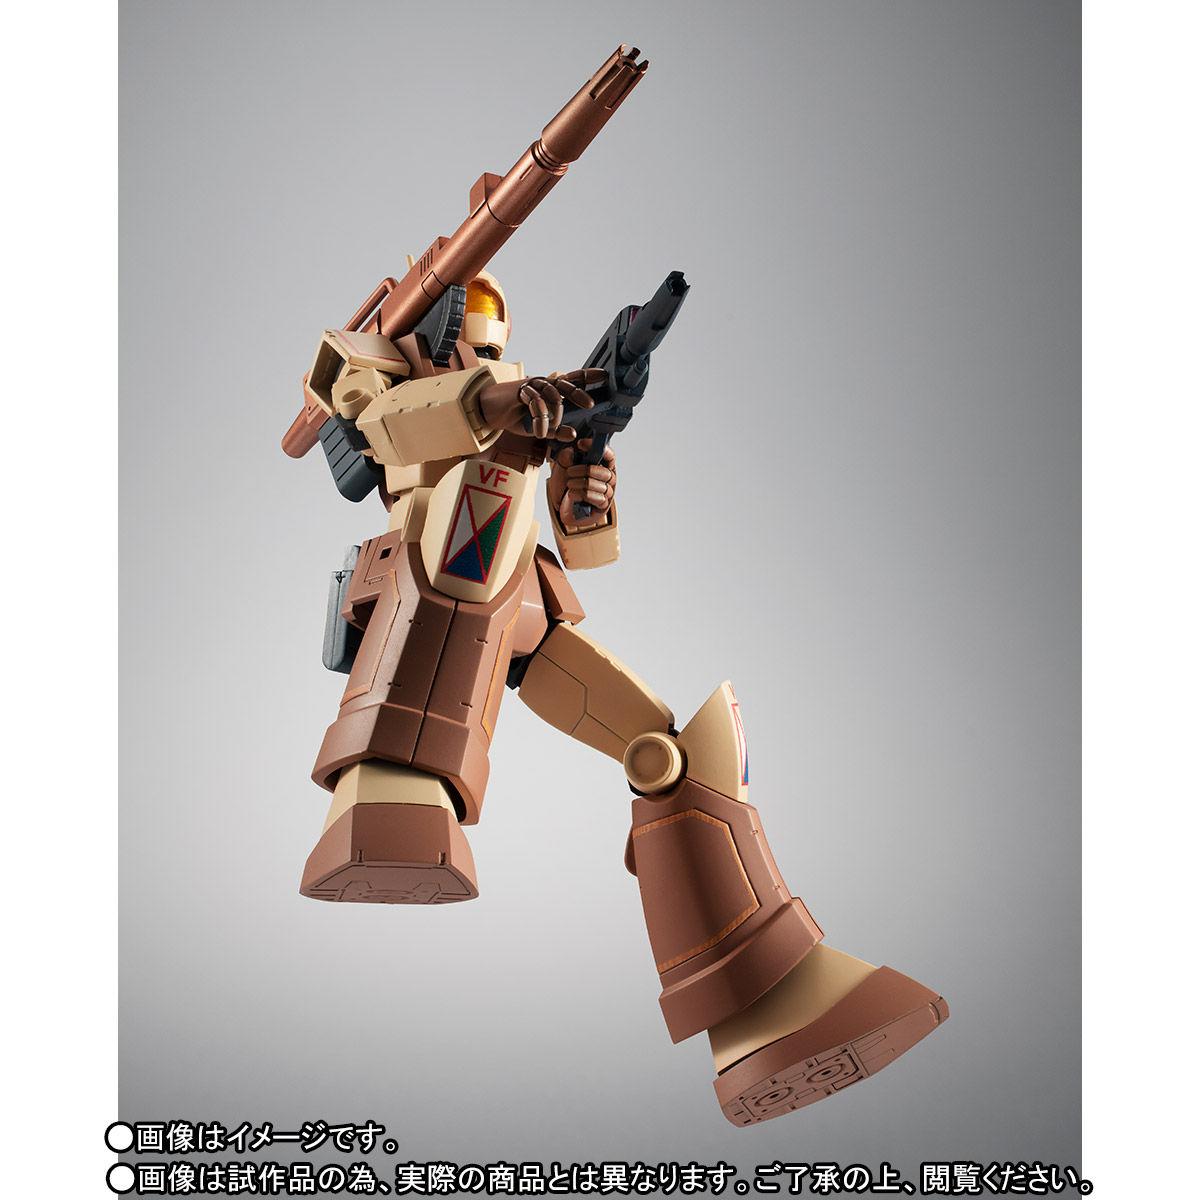 【限定販売】ROBOT魂〈SIDE MS〉『RGC-80 ジム・キャノン アフリカ戦線仕様 ver. A.N.I.M.E.』ガンダムMSV 可動フィギュア-008